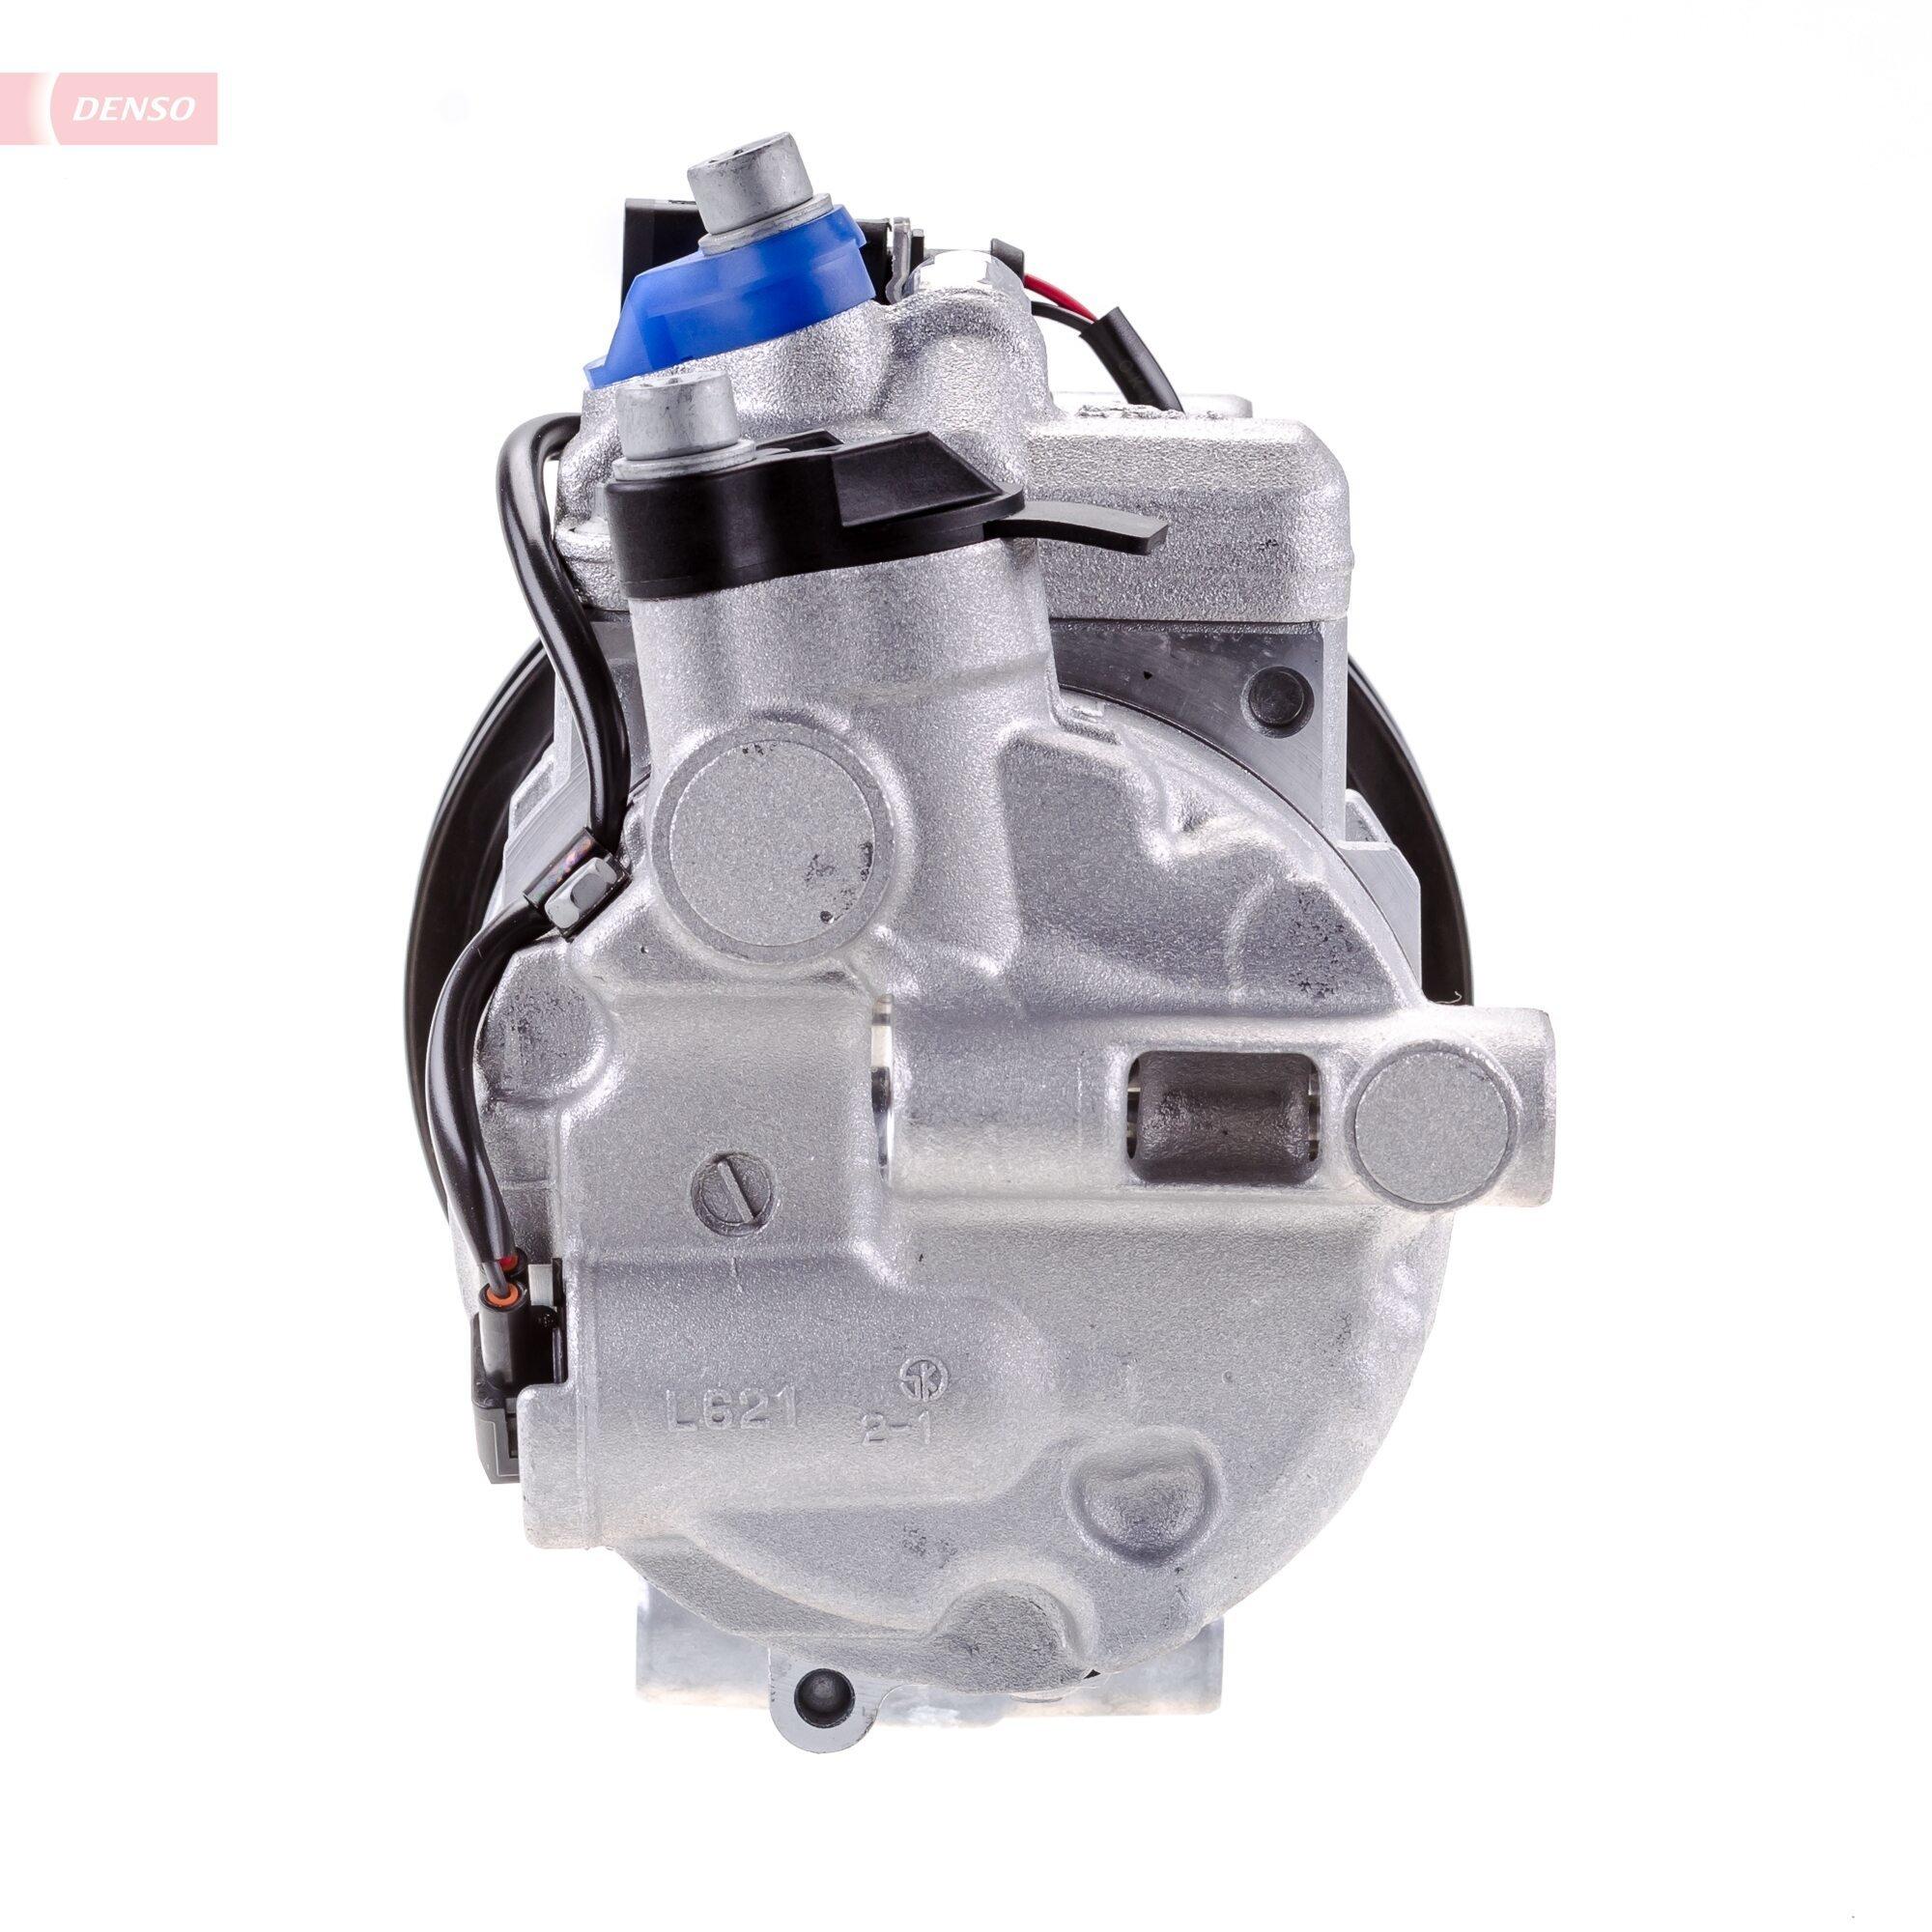 Kompressor, Klimaanlage DENSO DCP02103 Bild 3